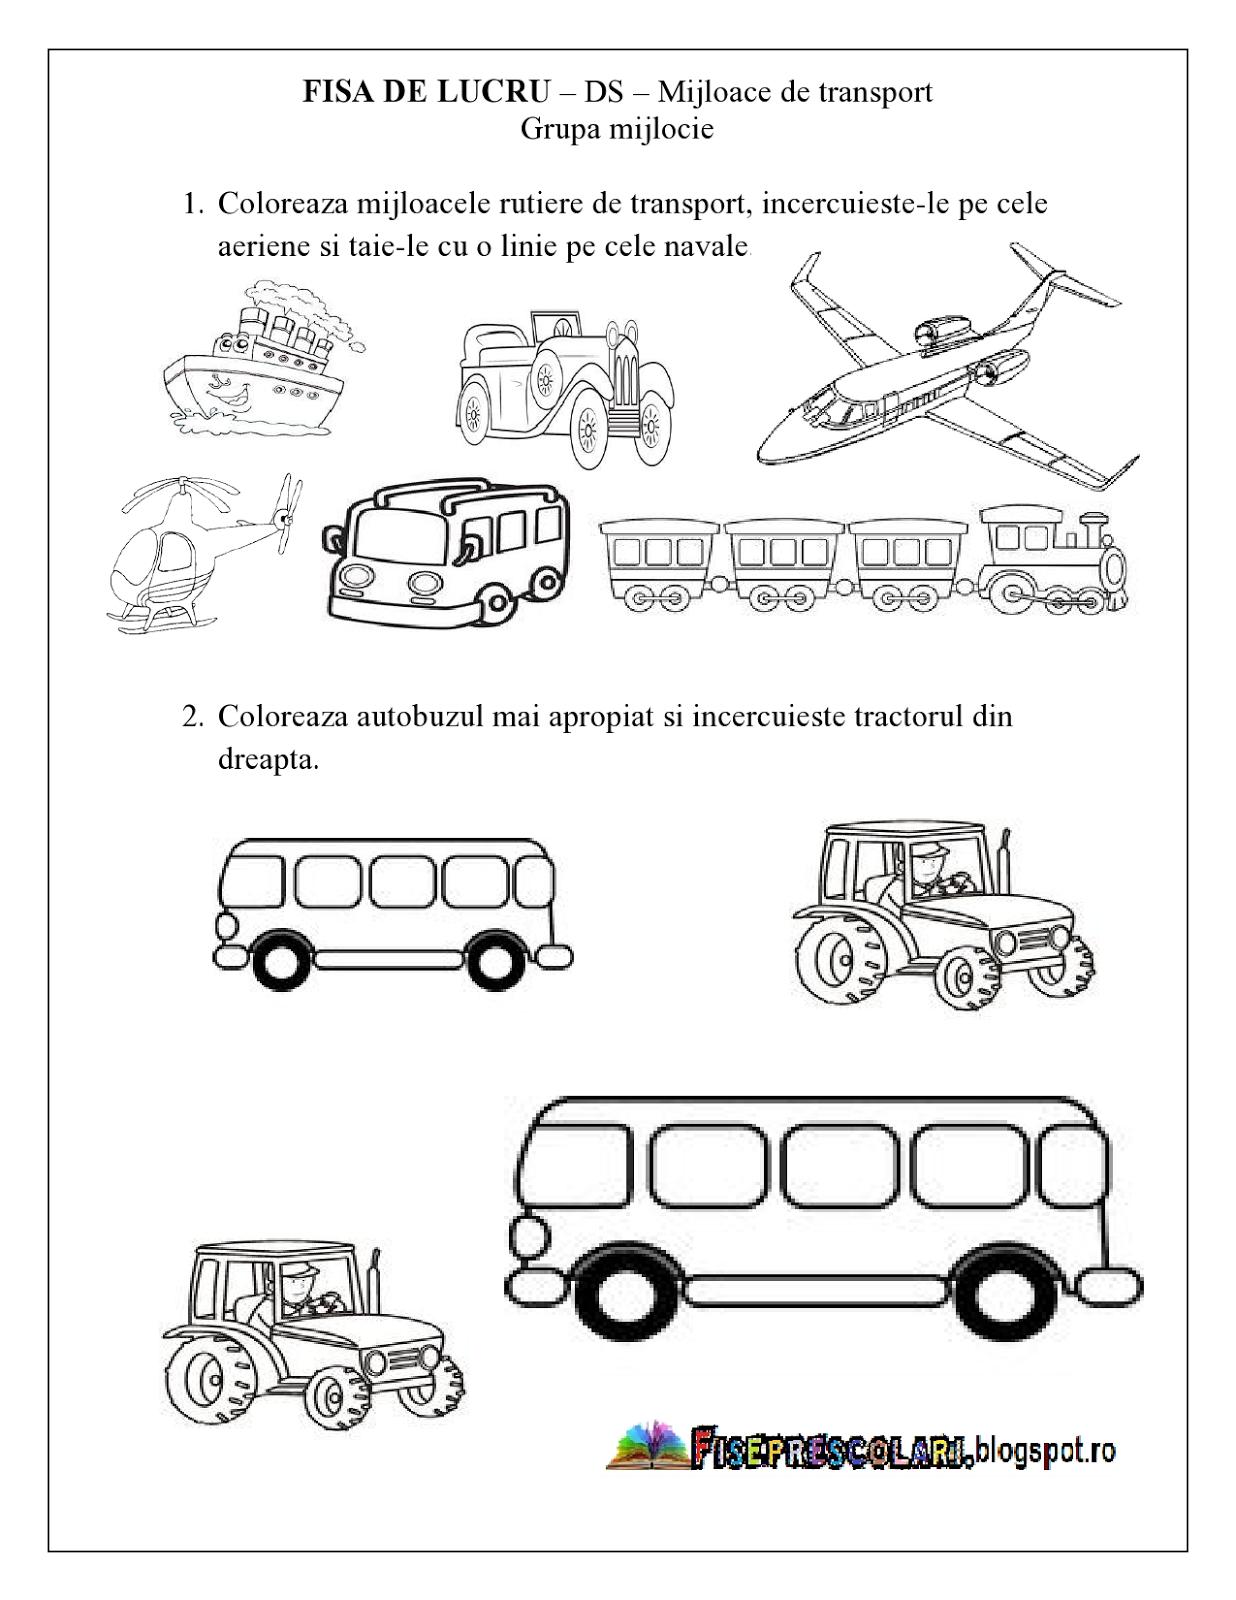 Mijloace de transport aeriene gradinita